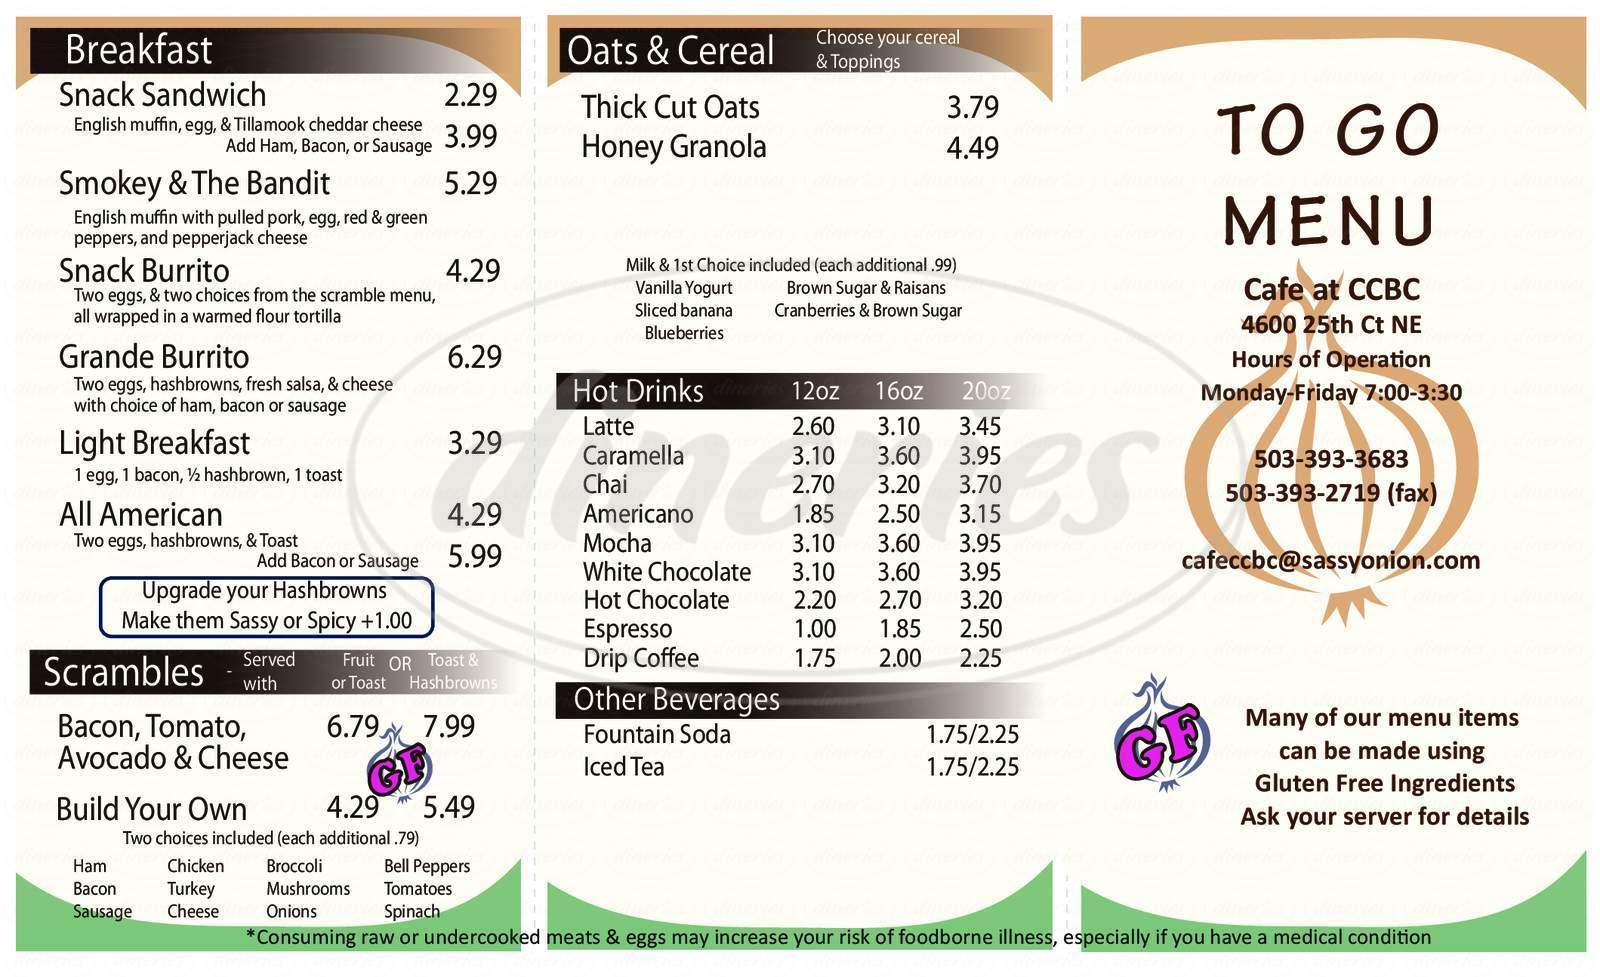 menu for Cafe at CCBC